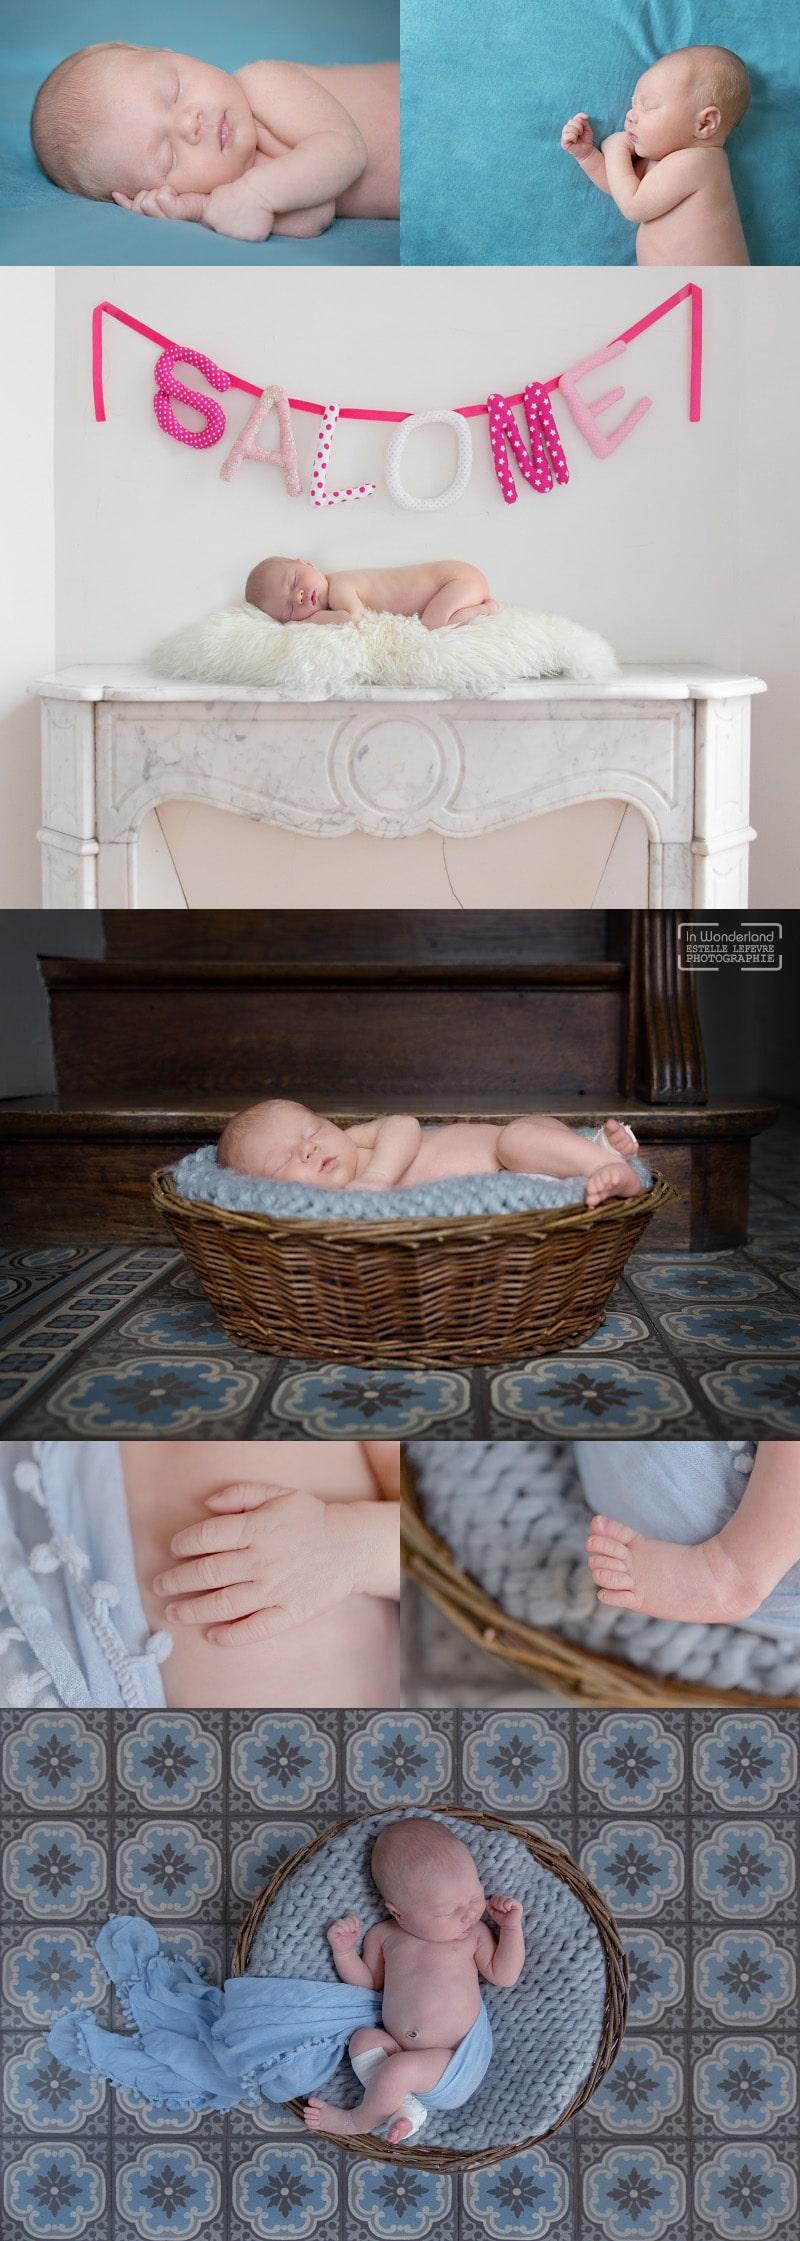 Photos de naissance bébé domicile Courbevoie 92